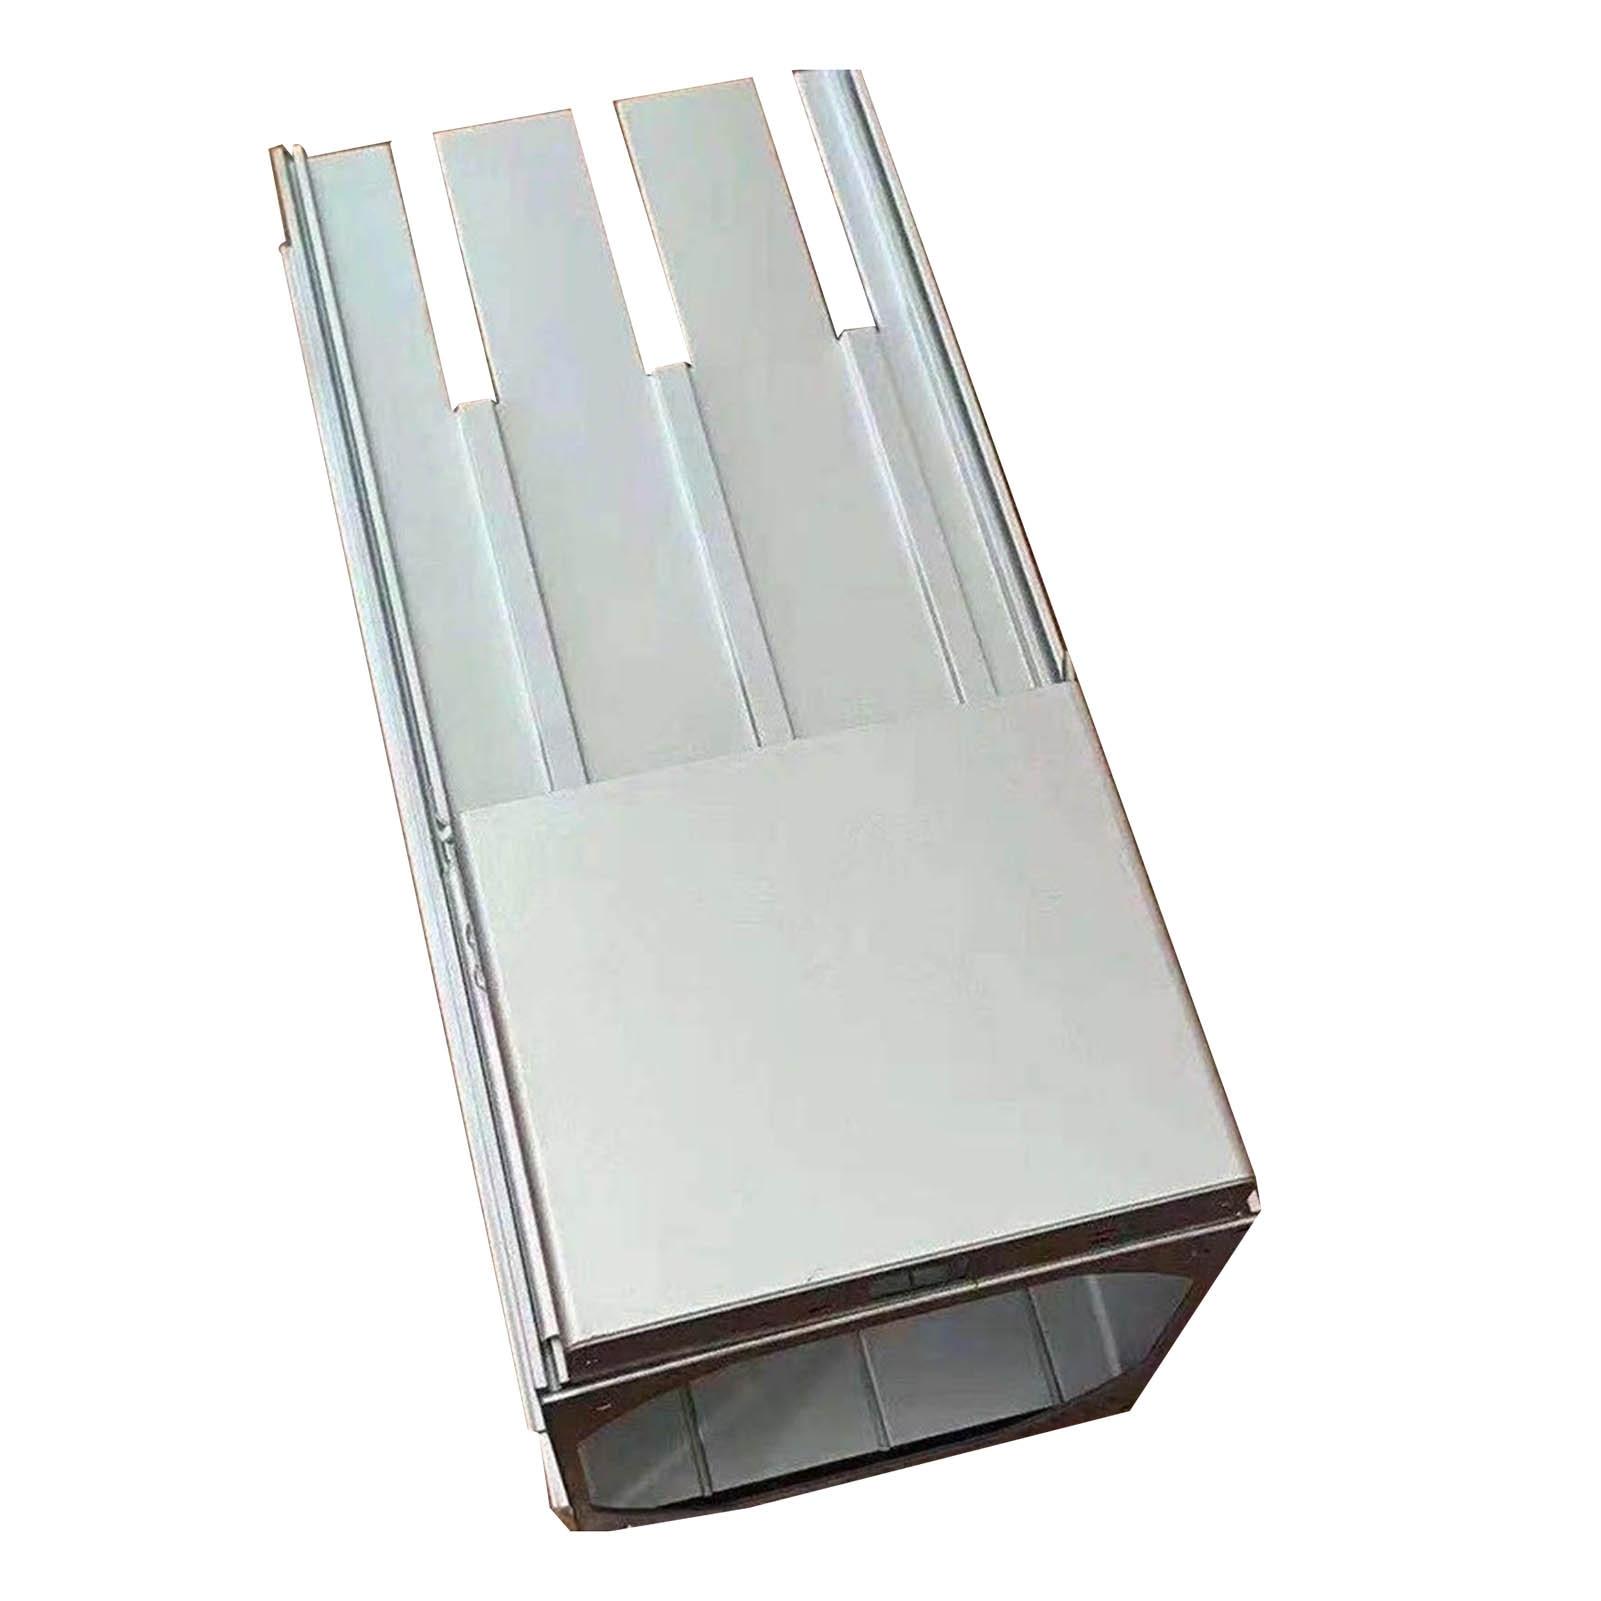 جديد S9 إطار الهيكل الضميمة الحال بالنسبة Bitmain Antminer S9 الفضة